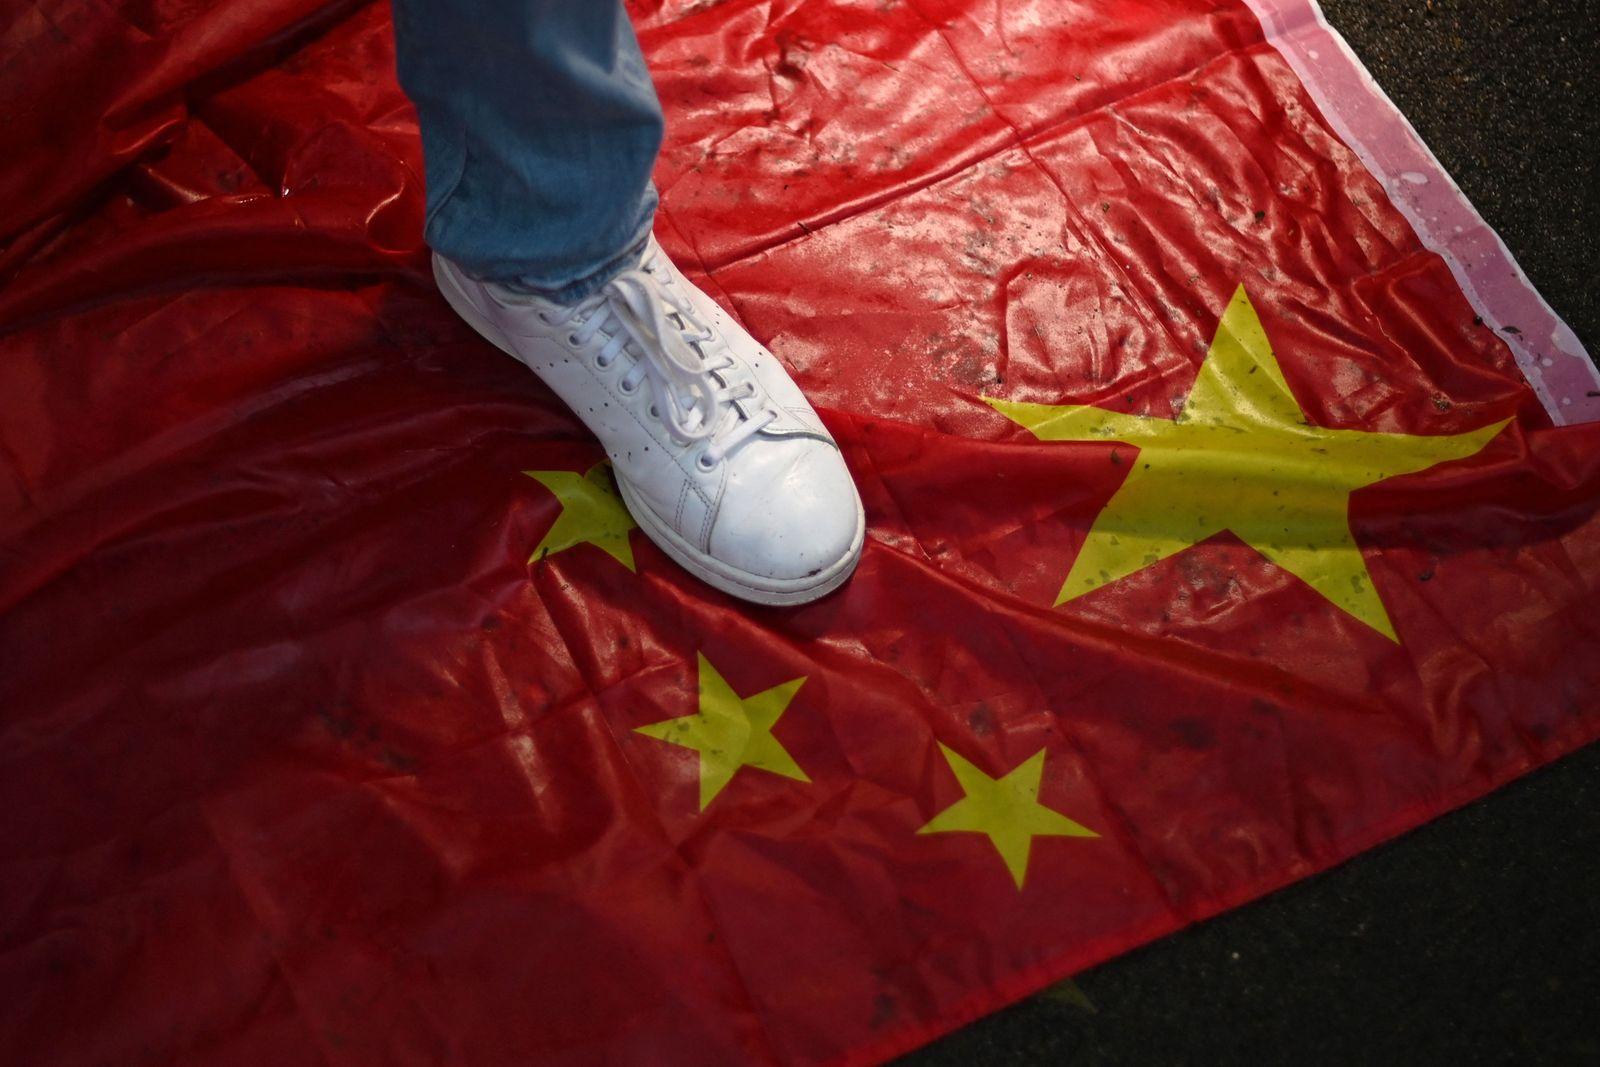 BRITAIN-CHINA-TIANANMEN-PROTEST-VIGIL